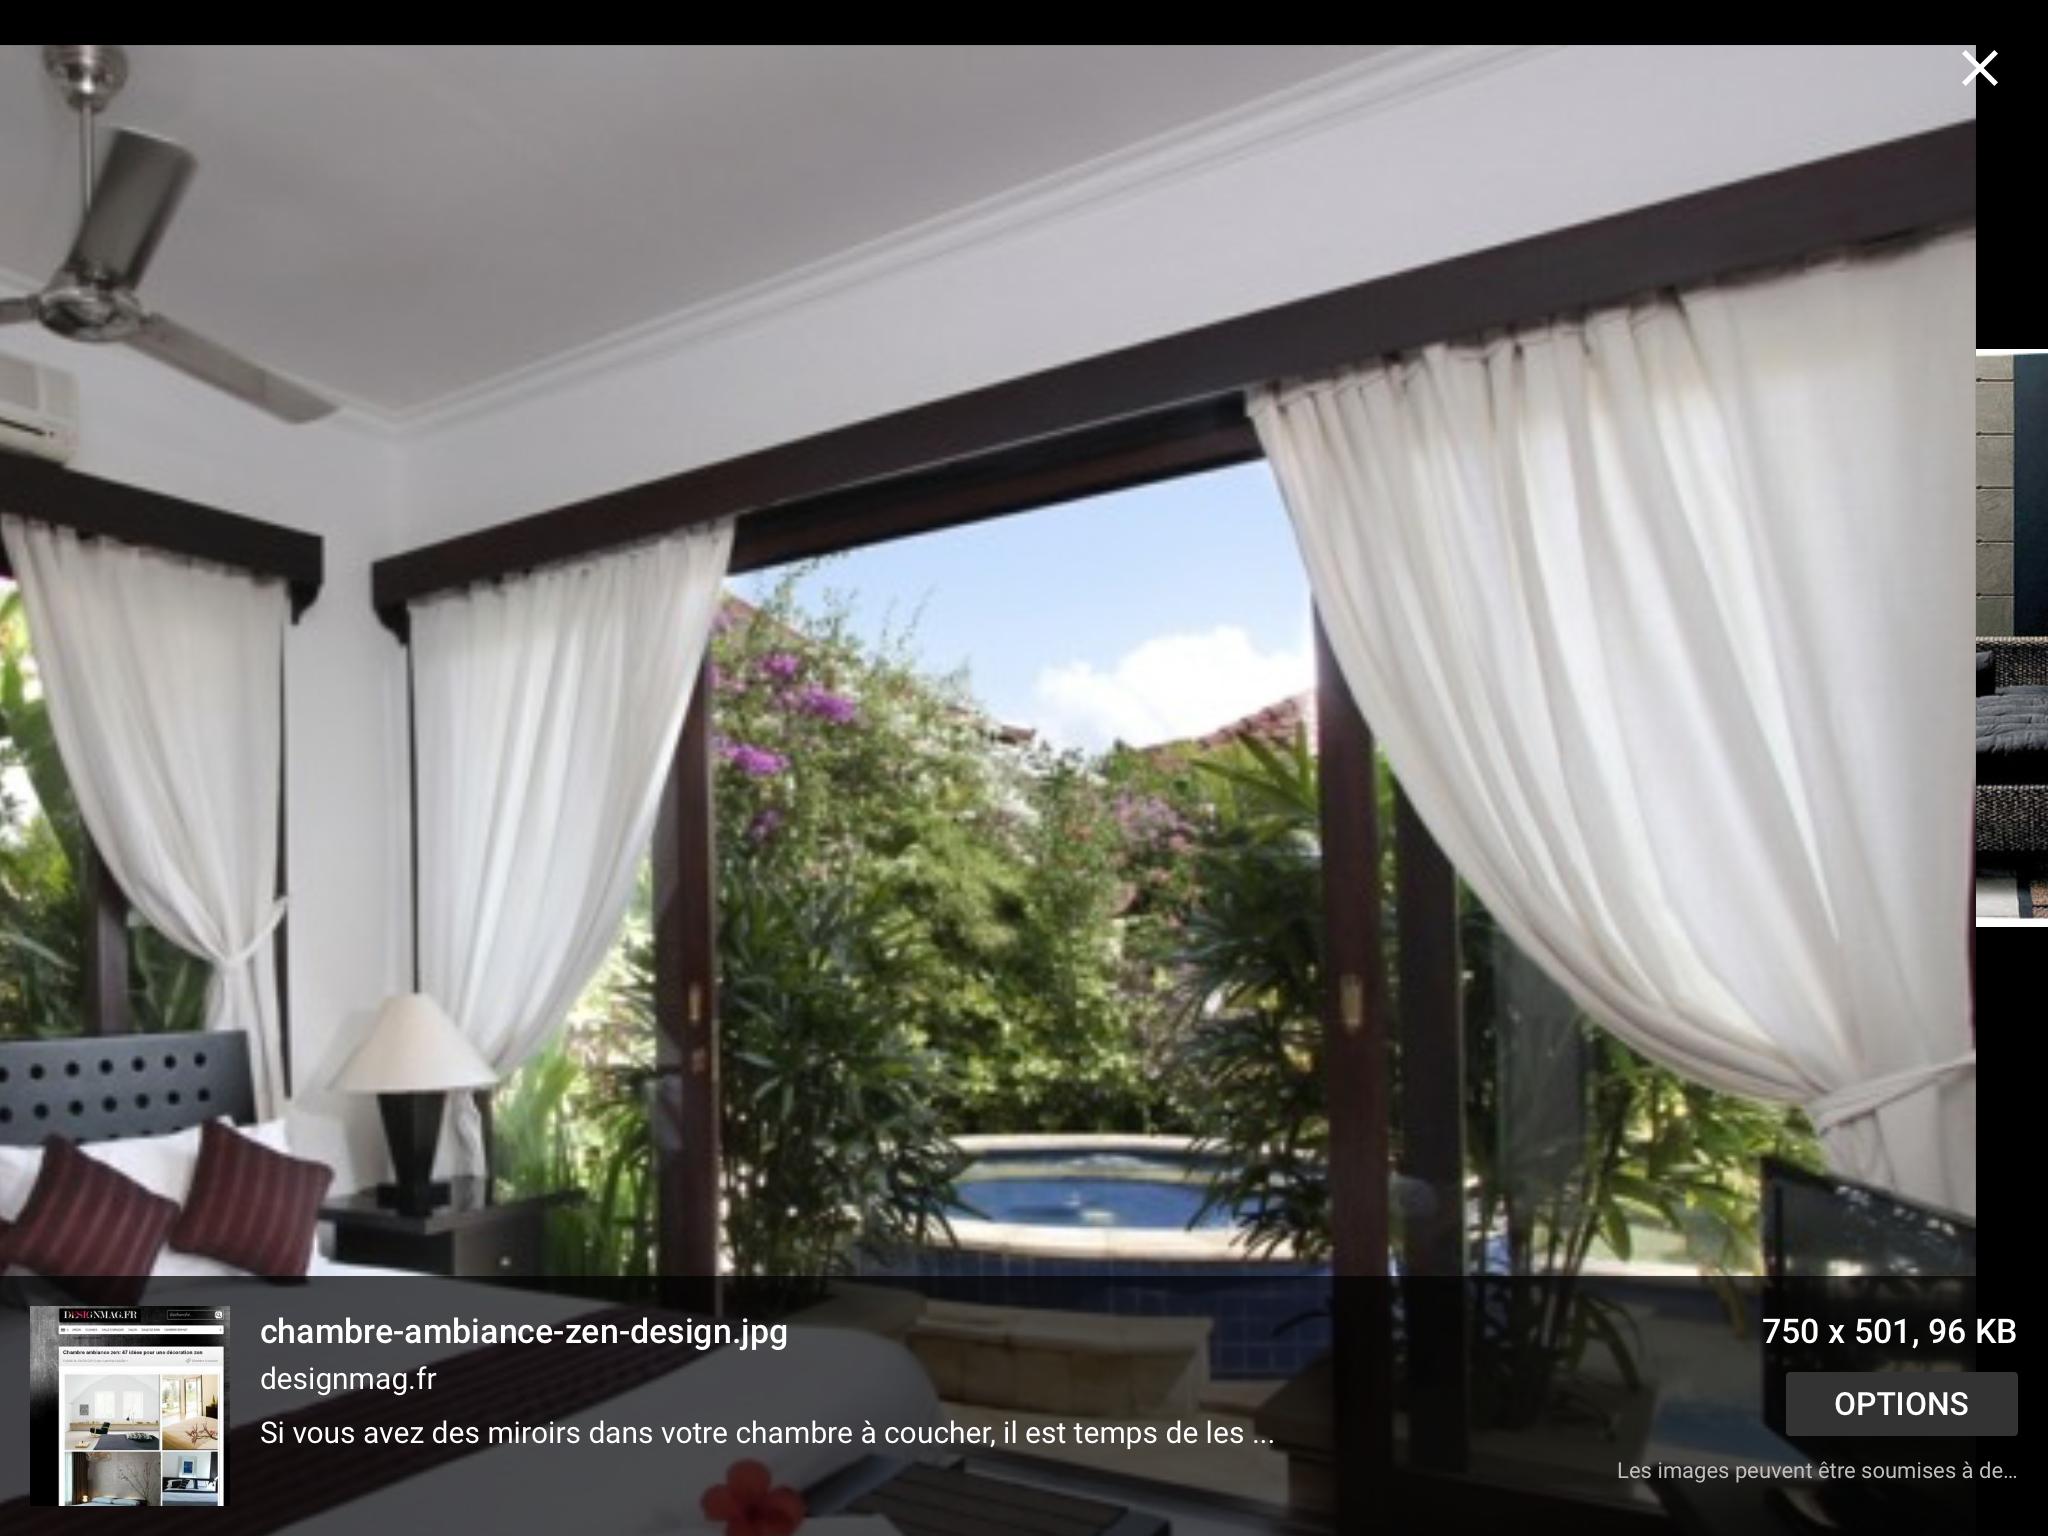 cache tringle noir et rideau blanc comme a a l 39 ext rieur. Black Bedroom Furniture Sets. Home Design Ideas